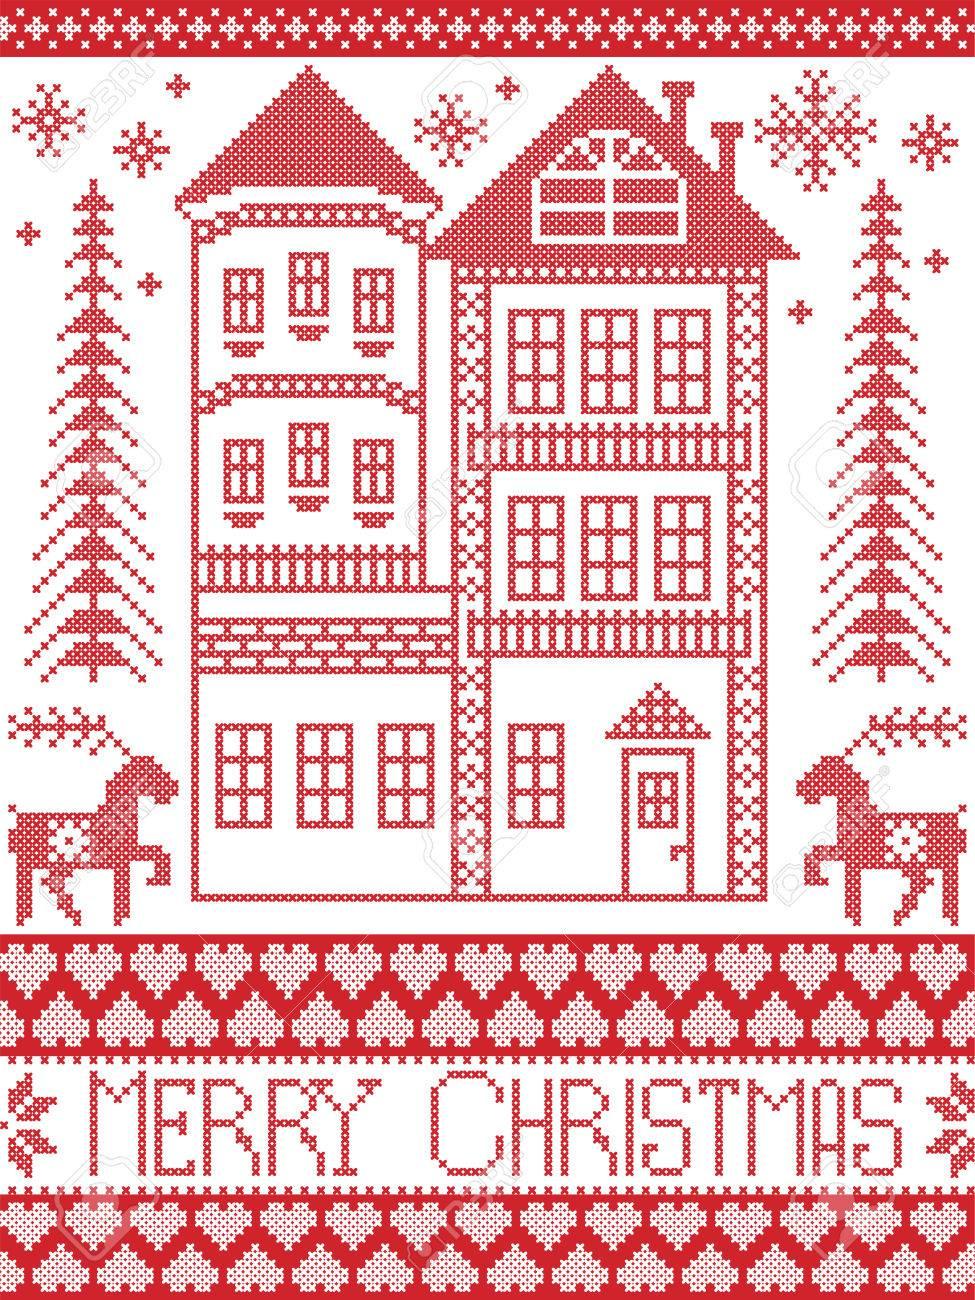 Encantador Patrones De Punto De Arranque De Navidad Retro Festooning ...